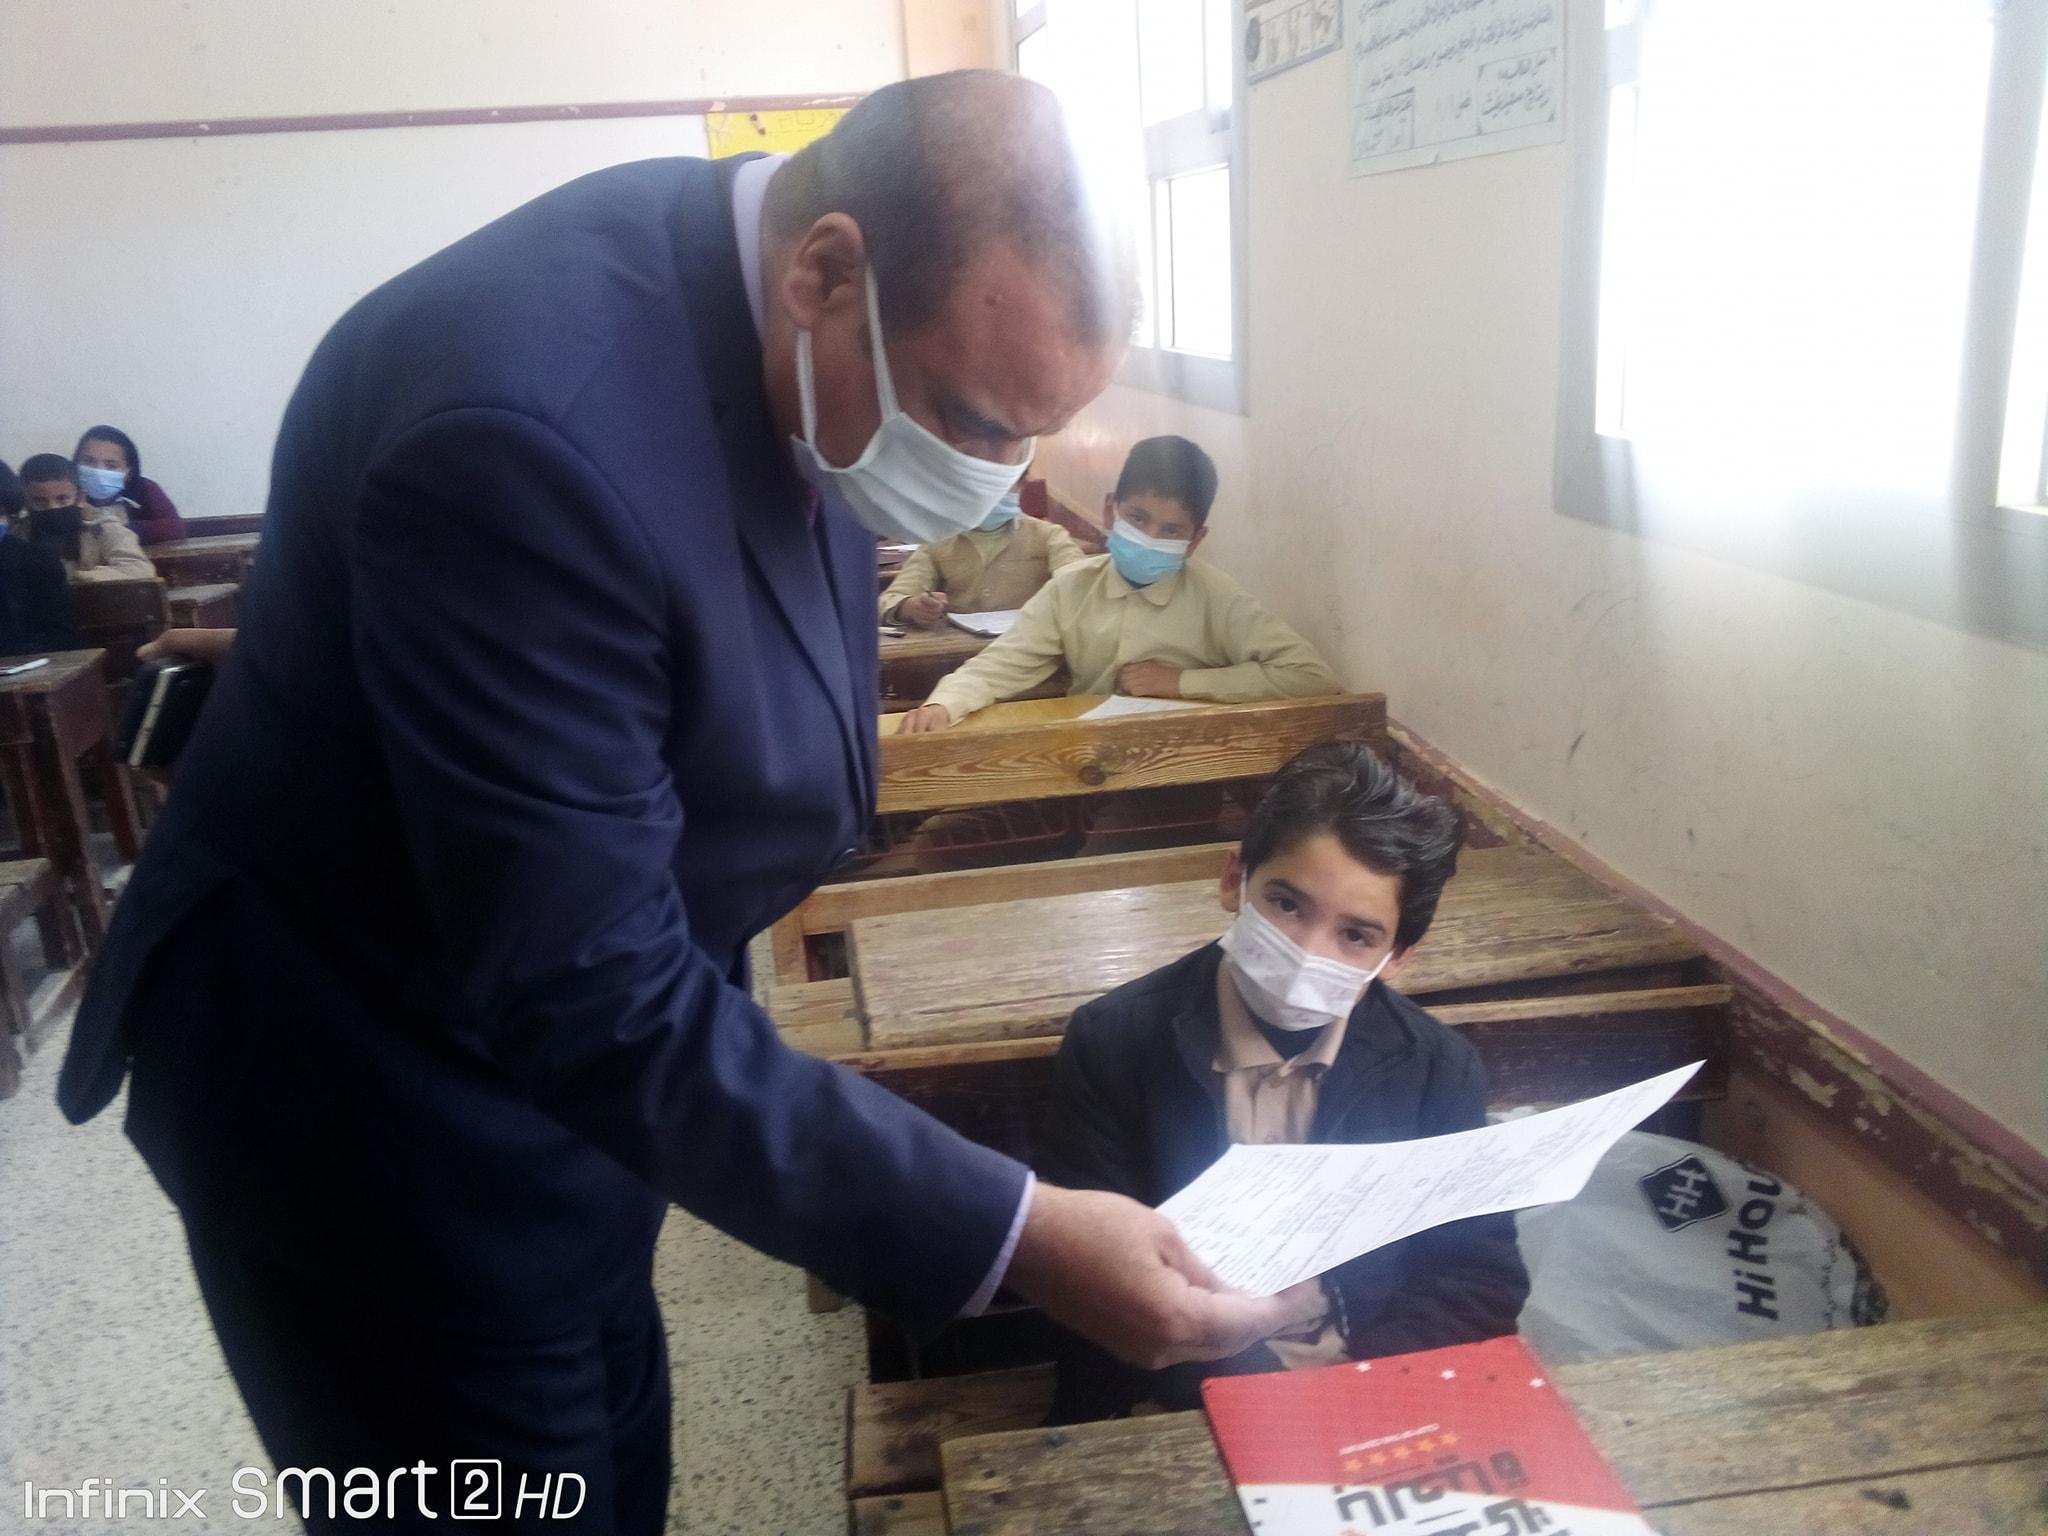 أمهات مصر يرصد مستوي امتحان الصفين الرابع الابتدائي والأول الإعدادي بالمحافظات